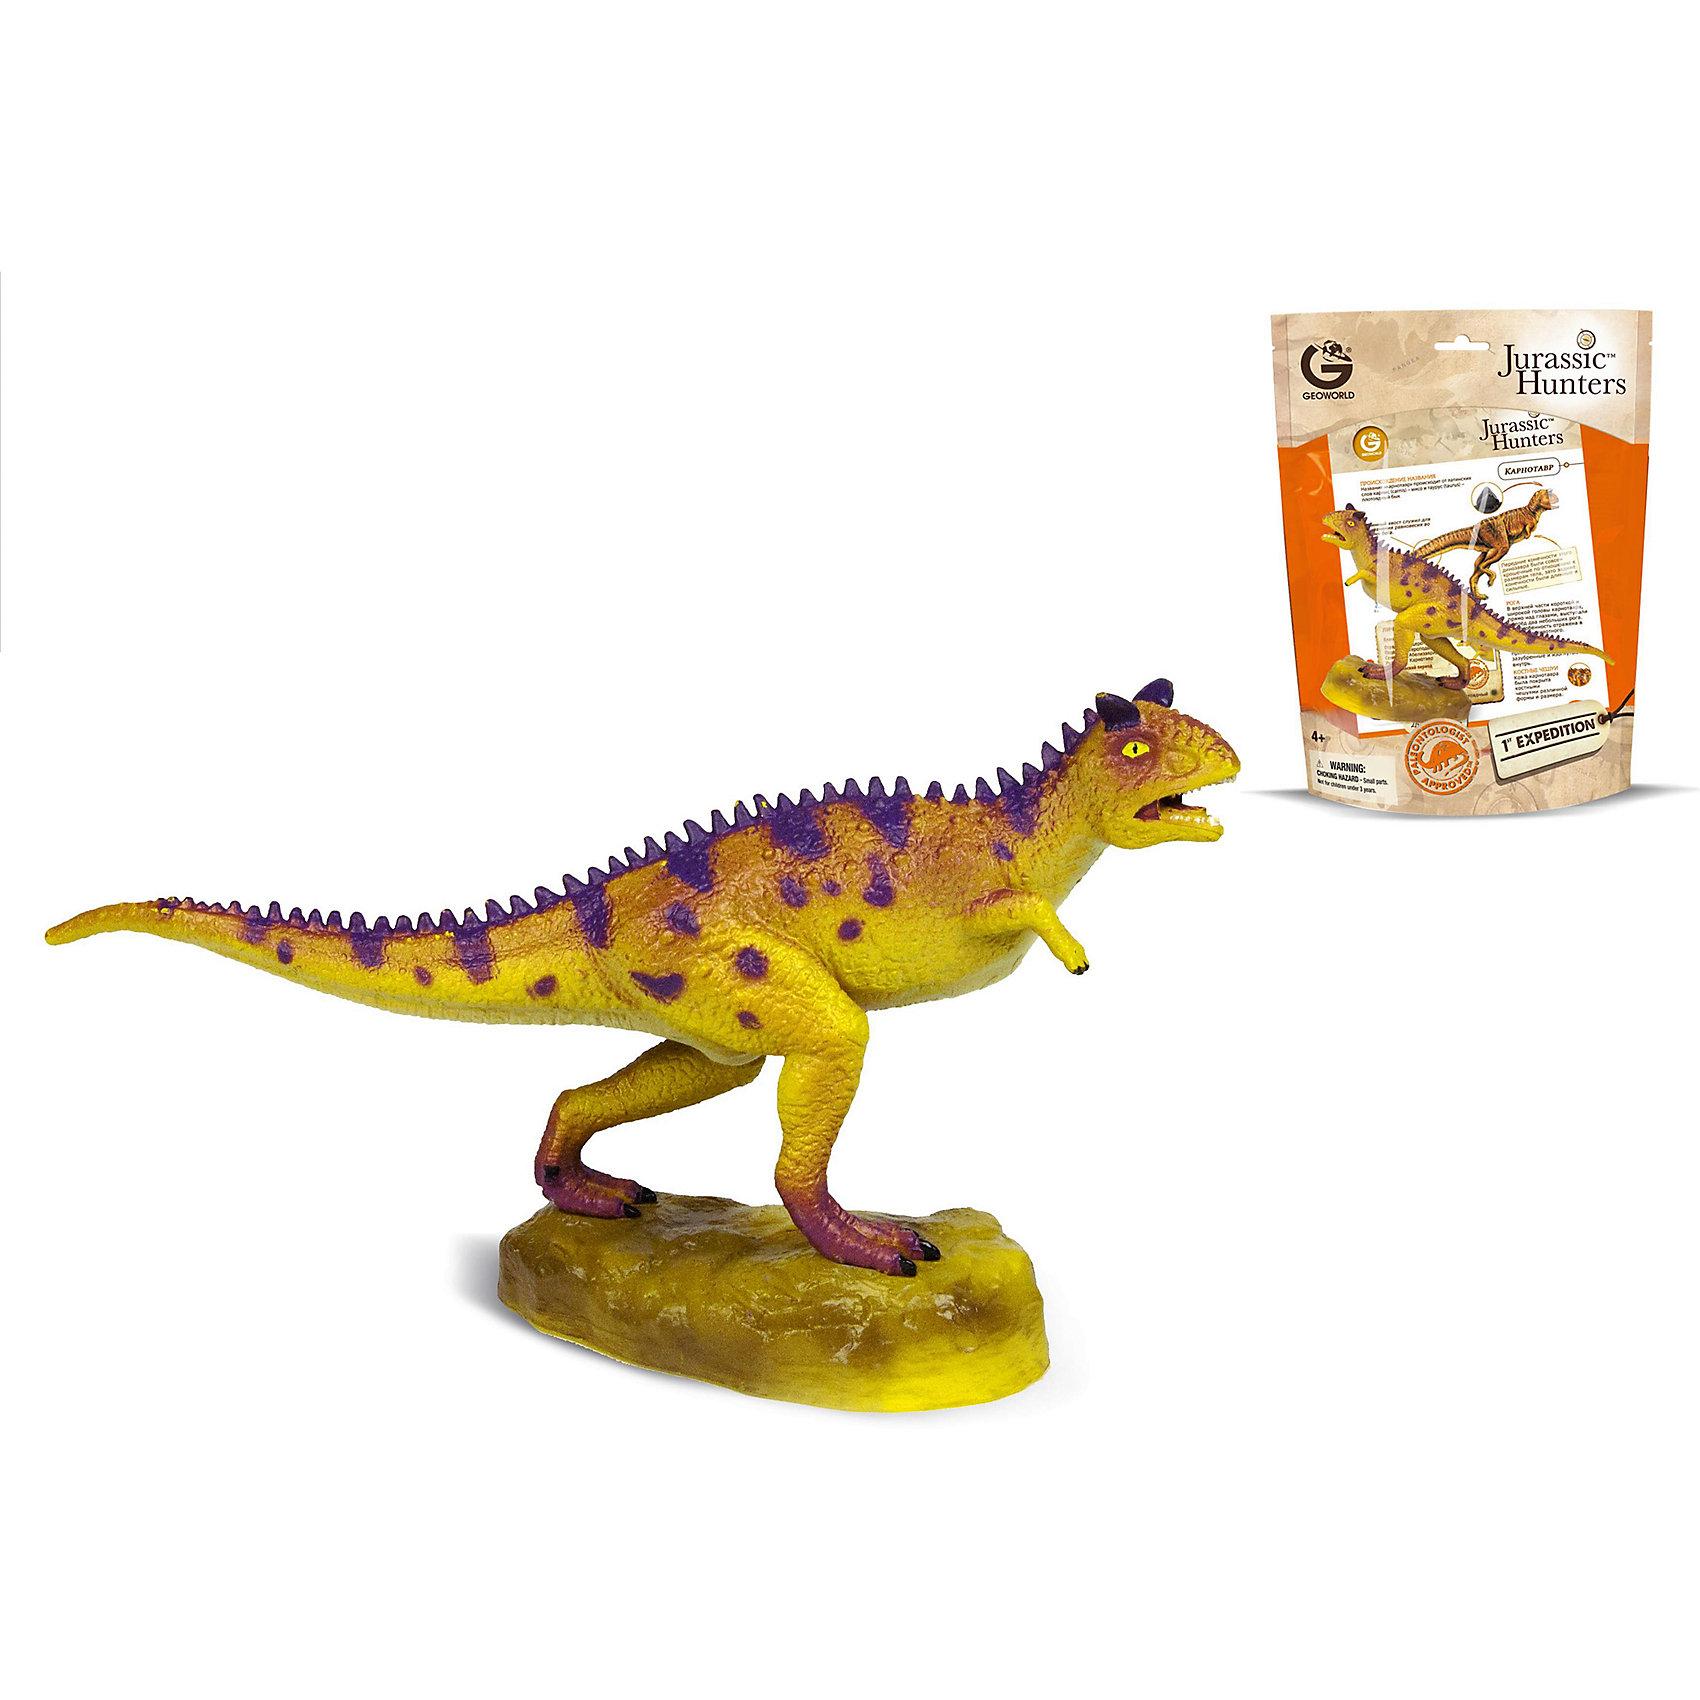 Динозавр Карнотавр, коллекция Jurassic Hunters, GeoworldДраконы и динозавры<br>Характеристики товара:<br><br>• материал: пластик<br>• возраст: от 4 лет<br>• масштаб: 1:50<br>• в комплекте: 1 фигурка динозавра, страница с научной информацией о динозавре, мини-буклет с указанием полной коллекции Jurassic Hunters (Охотников за Динозаврами)<br>• длина игрушки: 18 см<br>• габариты упаковки: 27х21х8 см<br>• вес: 100 г<br>• страна бренда: Италия<br><br>Детализированная фигурка отлично впишется в коллекцию динозавров юного палеонтолога. Уникальный дизайн, проработанные мелкие детали и художественное исполнение сделали игрушку очень реалистичной и перенесли ее в раздел коллекционных моделей. Материалы, использованные при изготовлении товаров, проходят проверку на качество и соответствие международным требованиям по безопасности.<br>Такие фигурки помогают привить детям любовь к учебе, развить воображение и интерес к коллекционированию.<br><br>Динозавр Карнотавр, коллекция Jurassic Hunter, от бренда Geoworld можно купить в нашем интернет-магазине.<br><br>Ширина мм: 210<br>Глубина мм: 80<br>Высота мм: 270<br>Вес г: 106<br>Возраст от месяцев: 48<br>Возраст до месяцев: 108<br>Пол: Унисекс<br>Возраст: Детский<br>SKU: 5418993